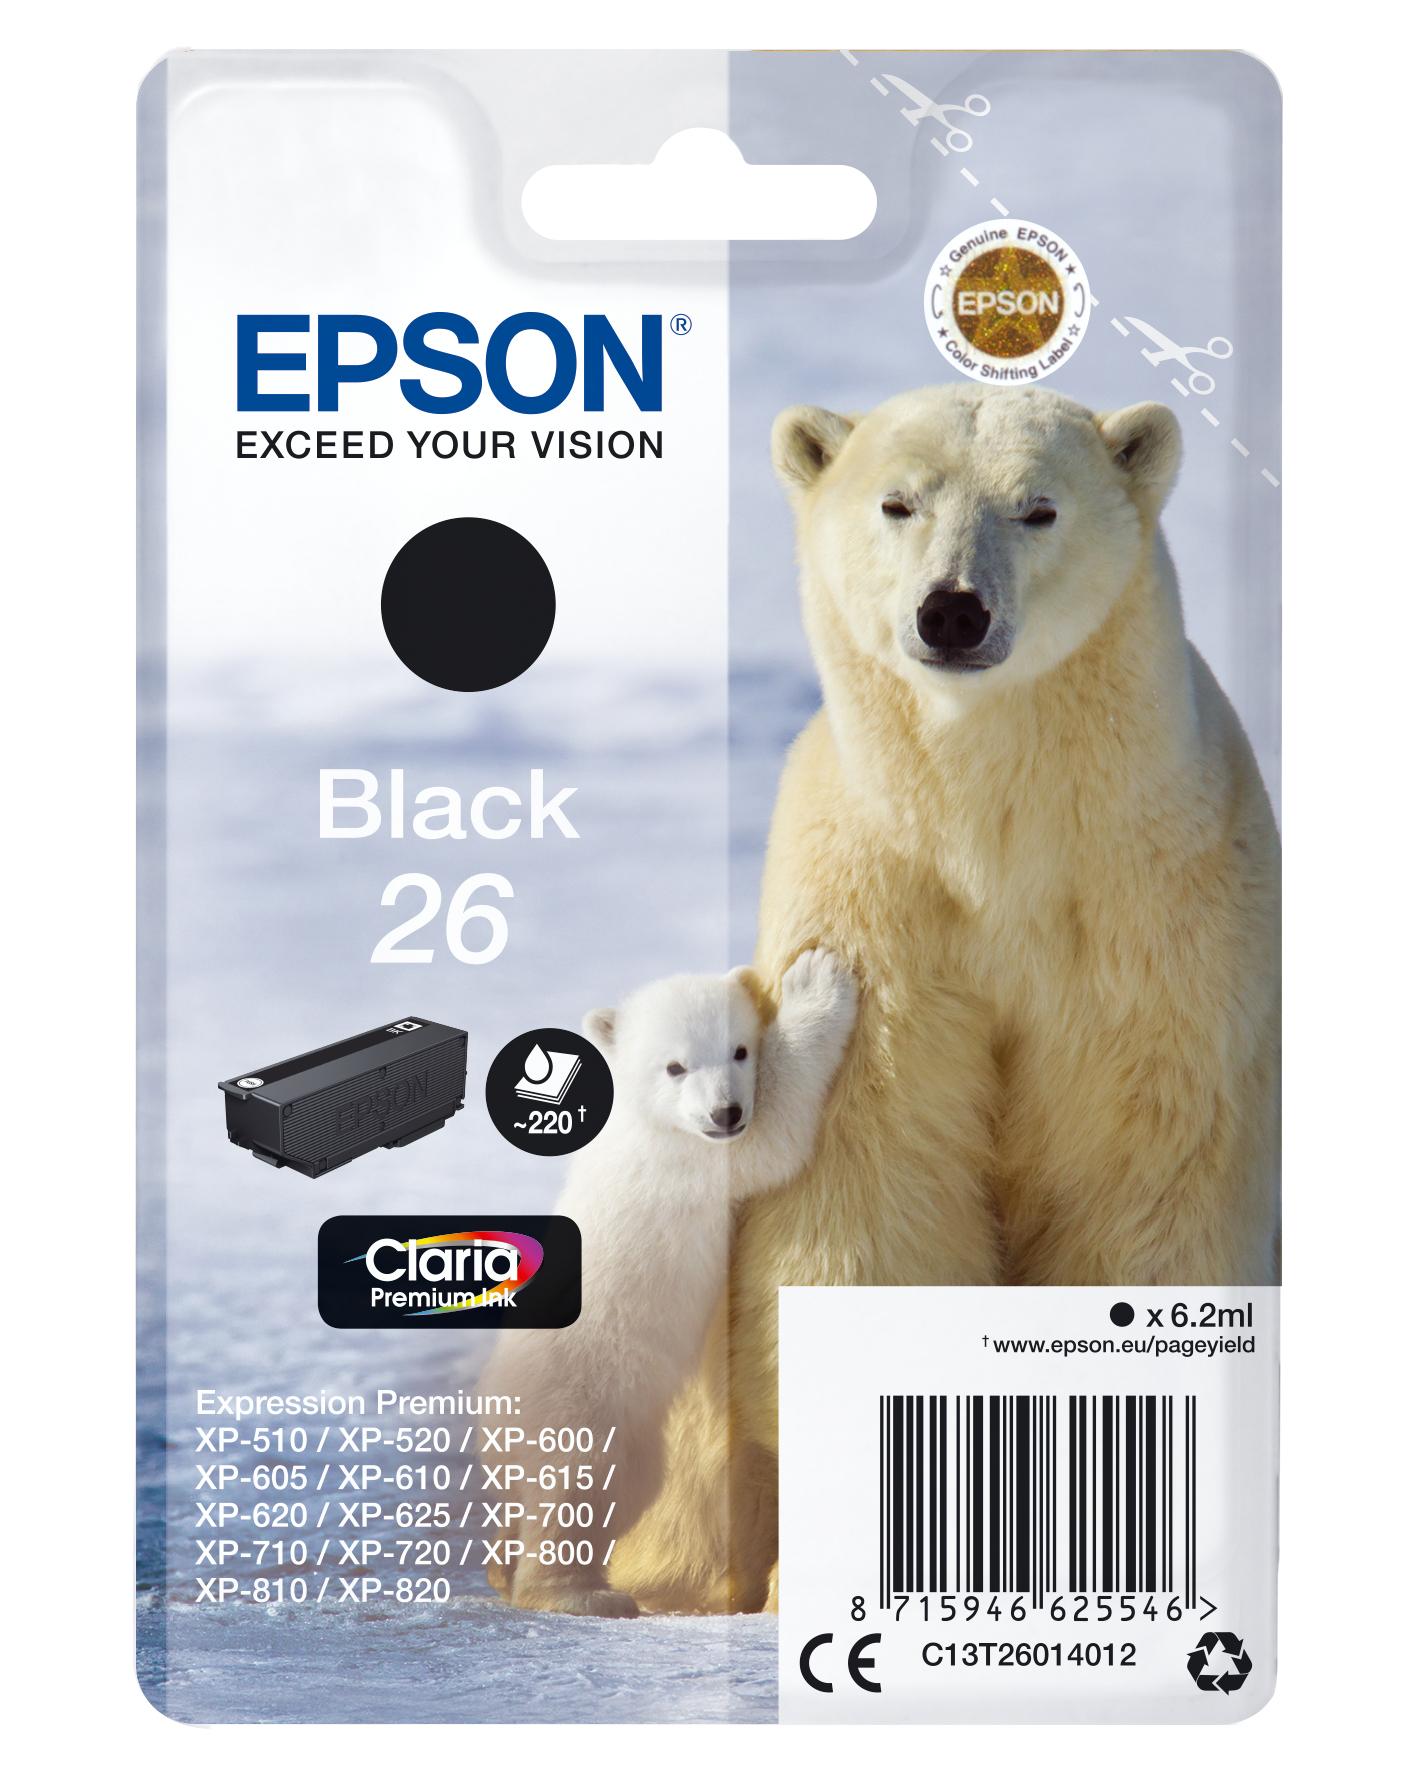 Epson Polar bear C13T26014012 Tintenpatrone Original Schwarz 1 Stück(e)